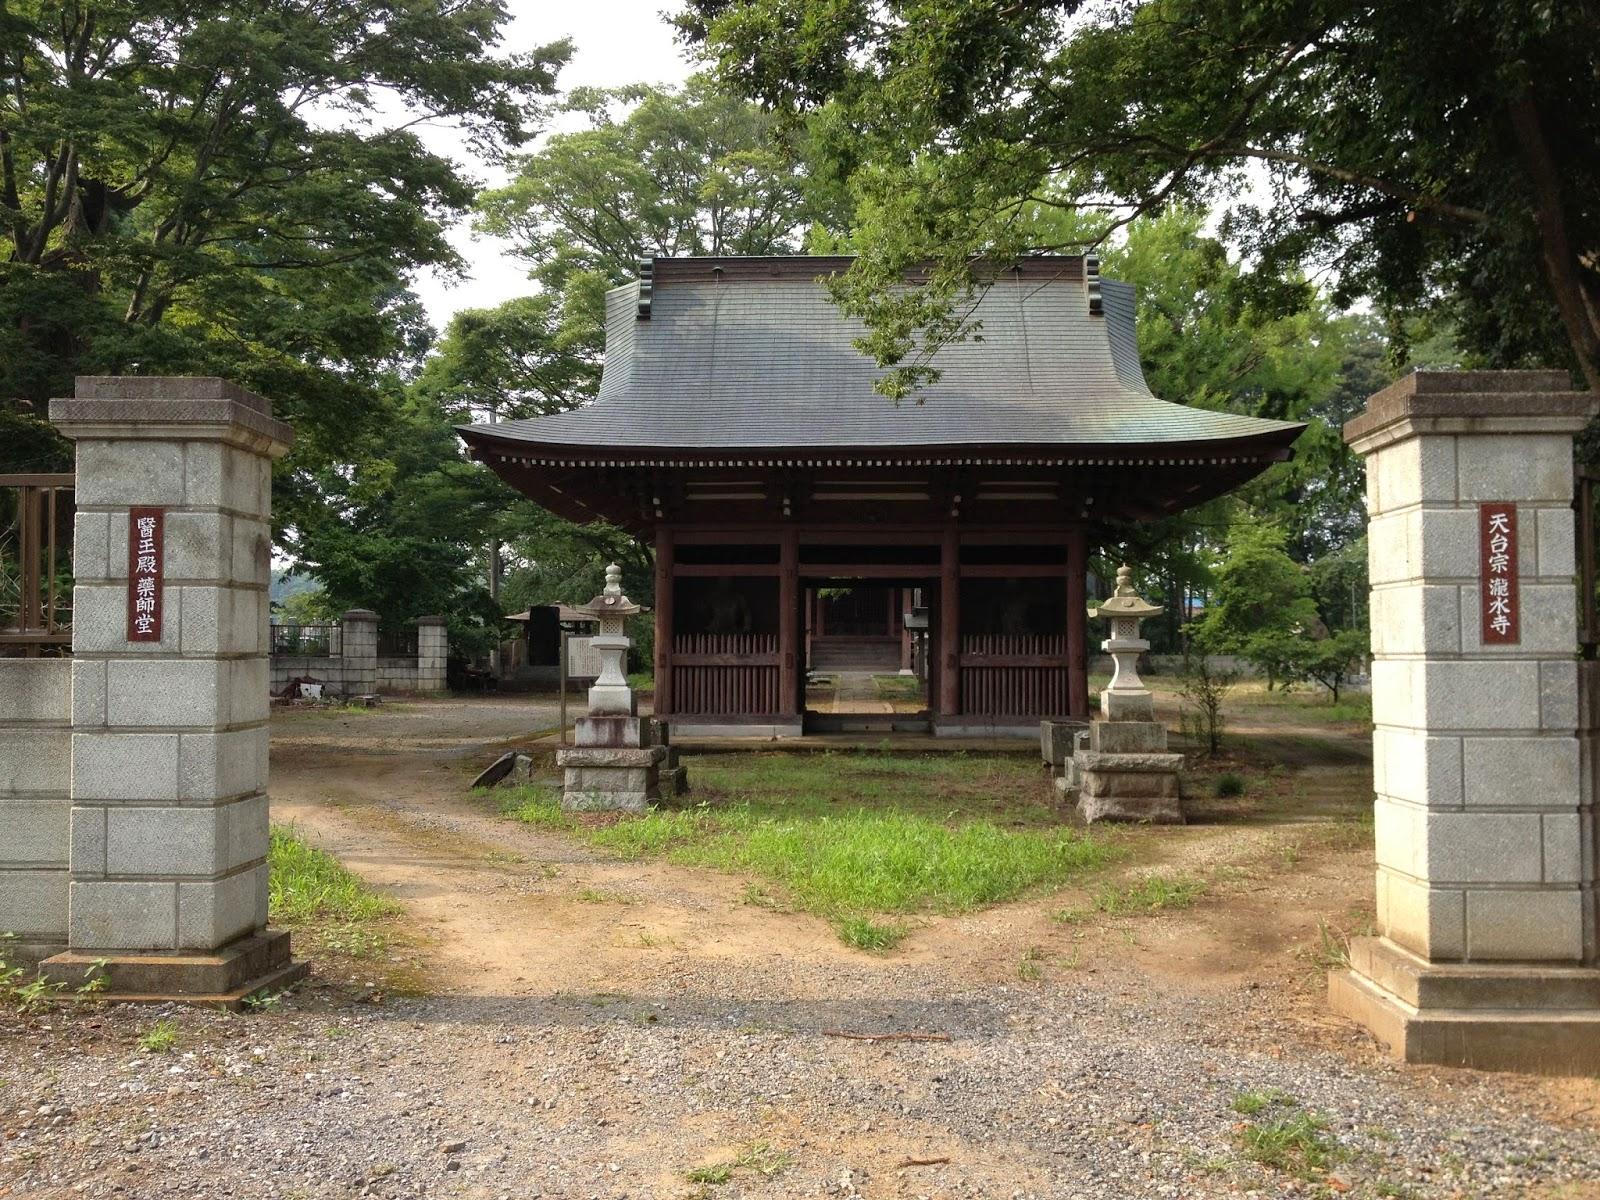 かまがや散歩: 本埜の古刹(1) 瀧水寺(印西市・滝)